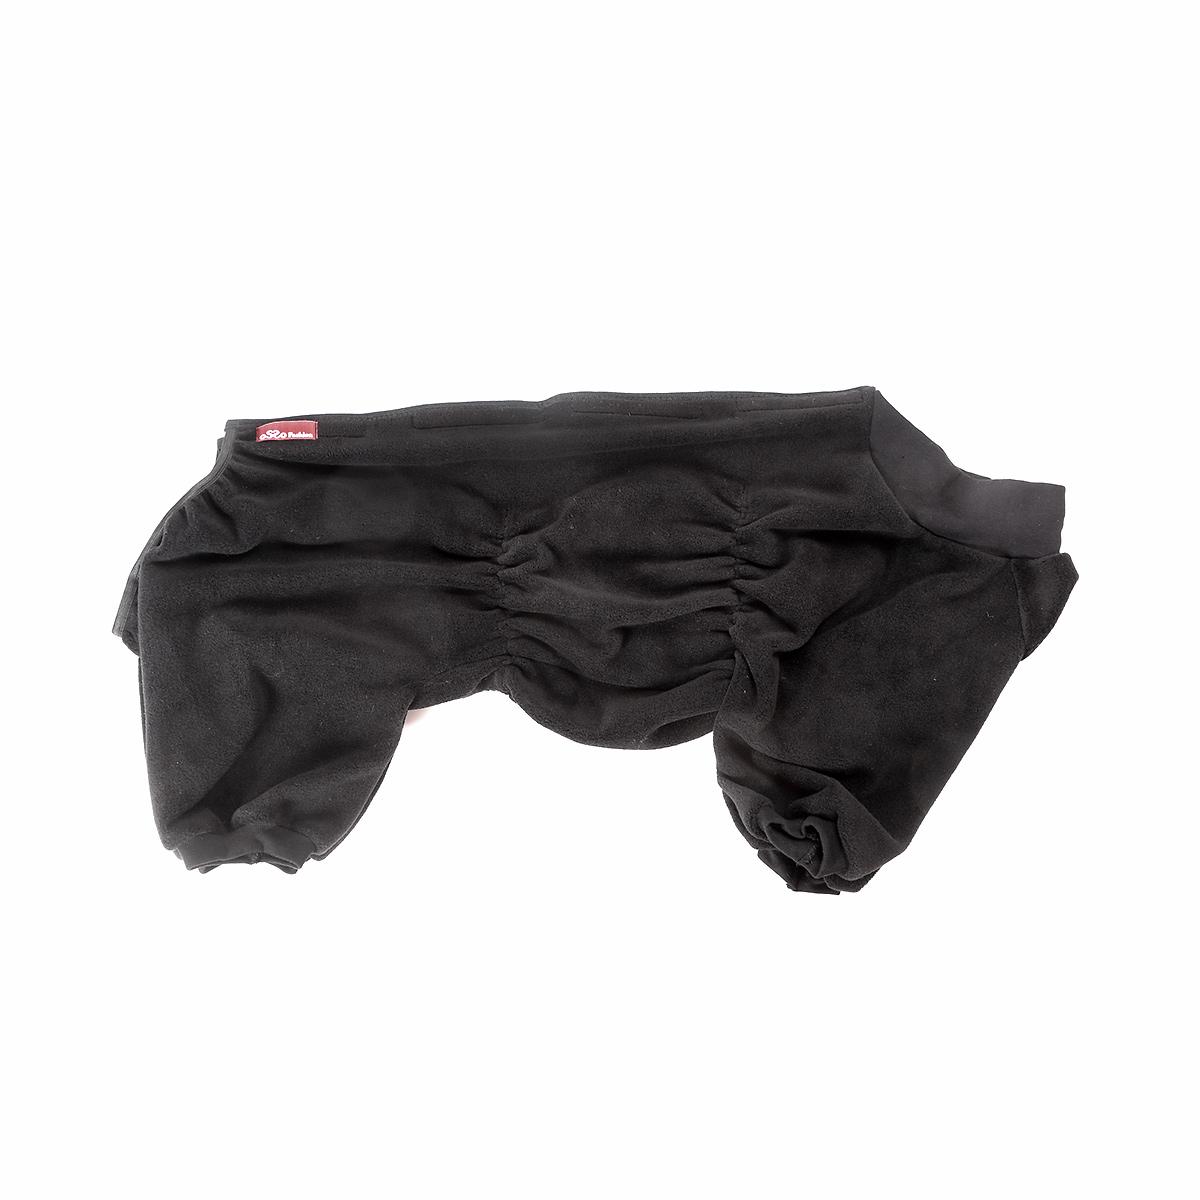 Комбинезон для собак OSSO Fashion, для мальчика, цвет: графит. Размер 30Кф-1006Комбинезон для собак OSSO Fashion выполнен из флиса. Комфортная посадка по корпусу достигается за счет резинок-утяжек под грудью и животом. На воротнике имеются завязки, для дополнительной фиксации. Можно носить самостоятельно и как поддевку под комбинезон для собак. Изделие отлично стирается, быстро сохнет. Длина спинки: 30 см. Объем груди: 34-44 см.